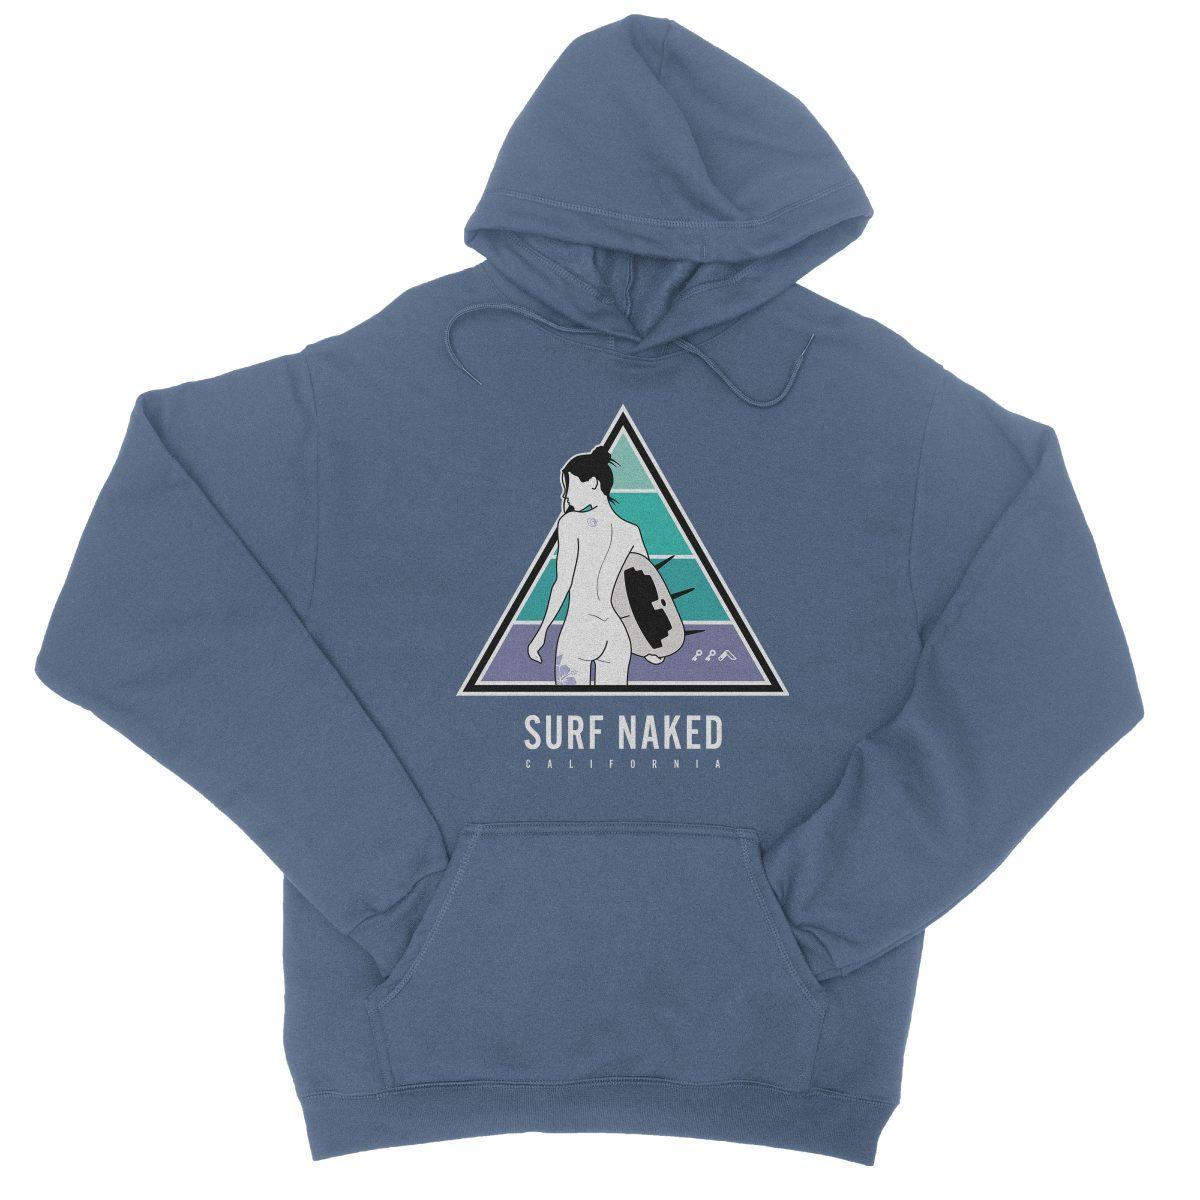 SURF NAKED CALIFORNIA beaches hoodie in indigo by kikicutt sweatshirt store